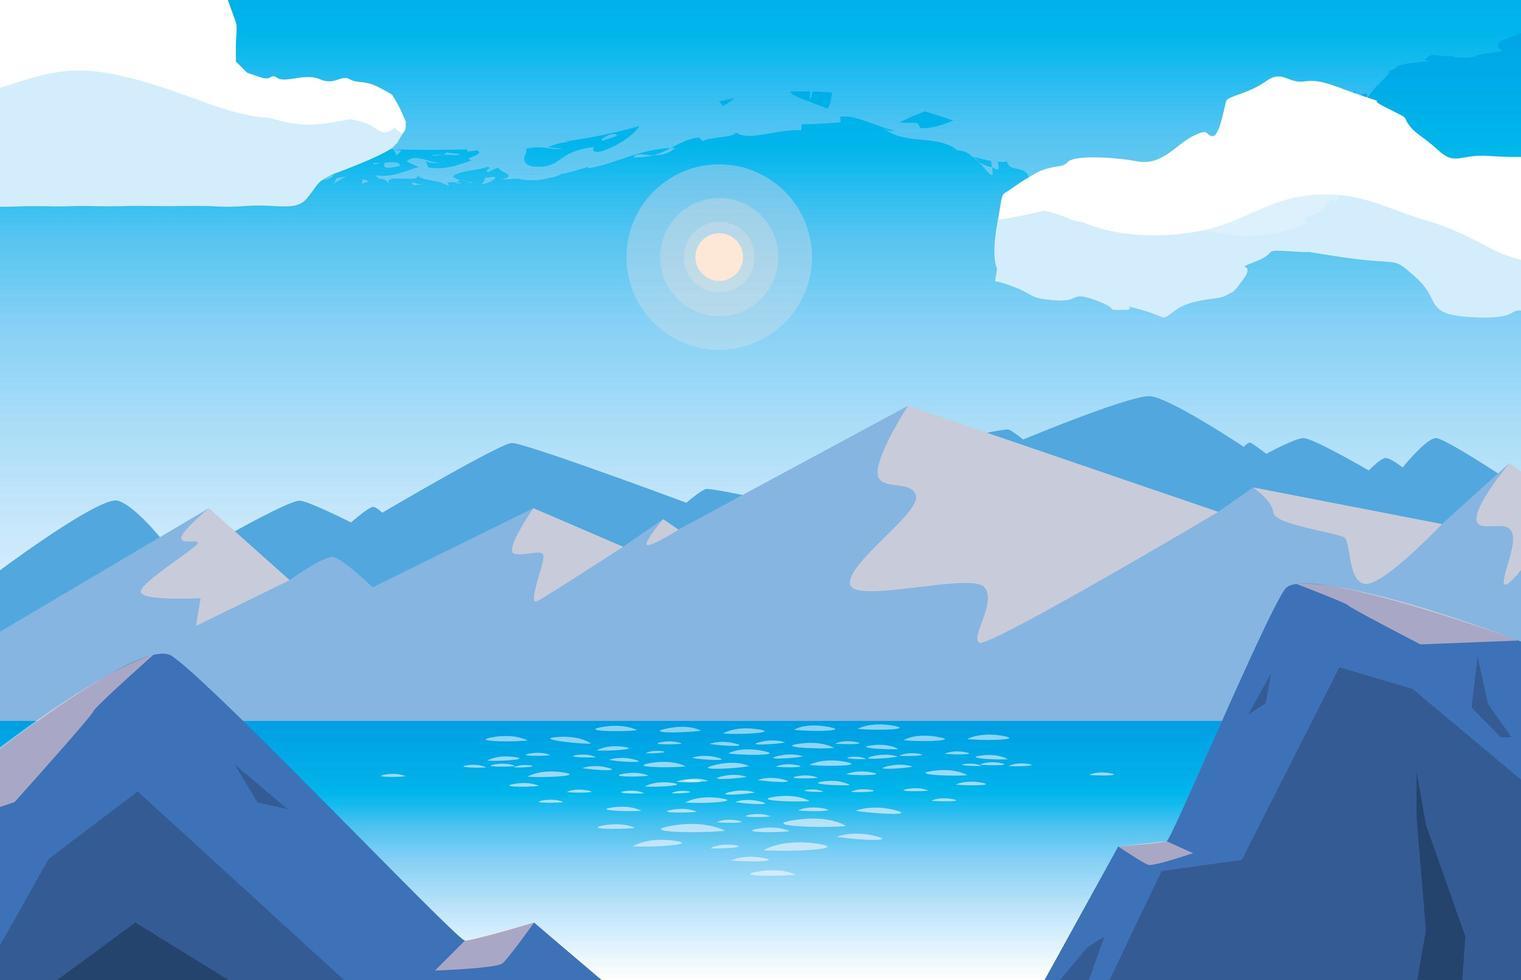 paisaje con icono de escena del lago vector